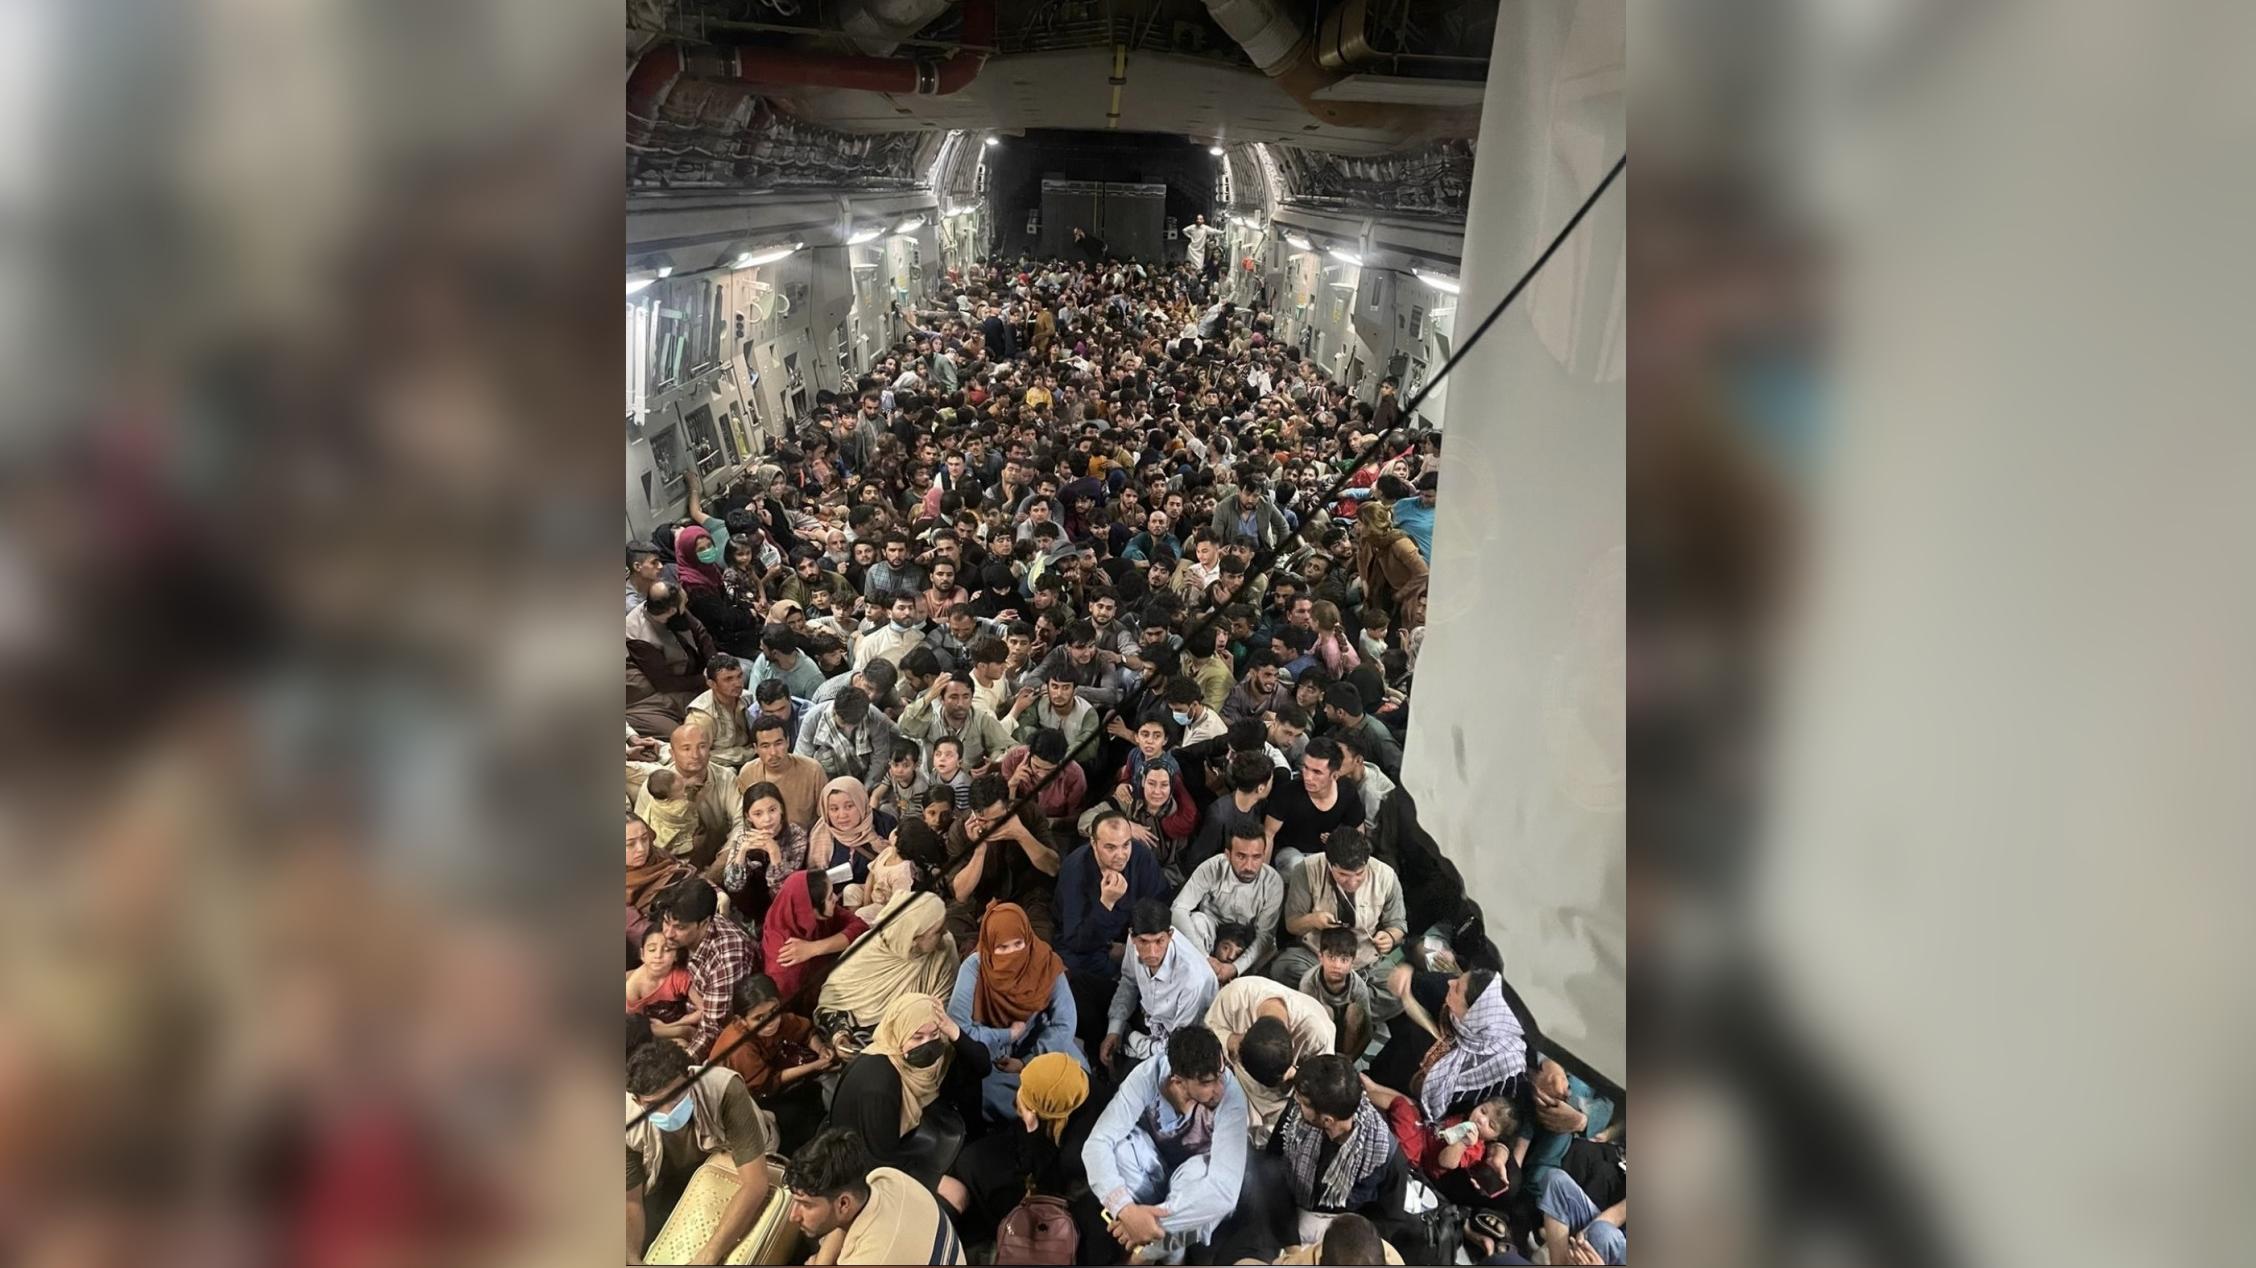 Câte persoane erau, de fapt, în avionul care a plecat de la Kabul în Qatar. Imagine a devenit virală